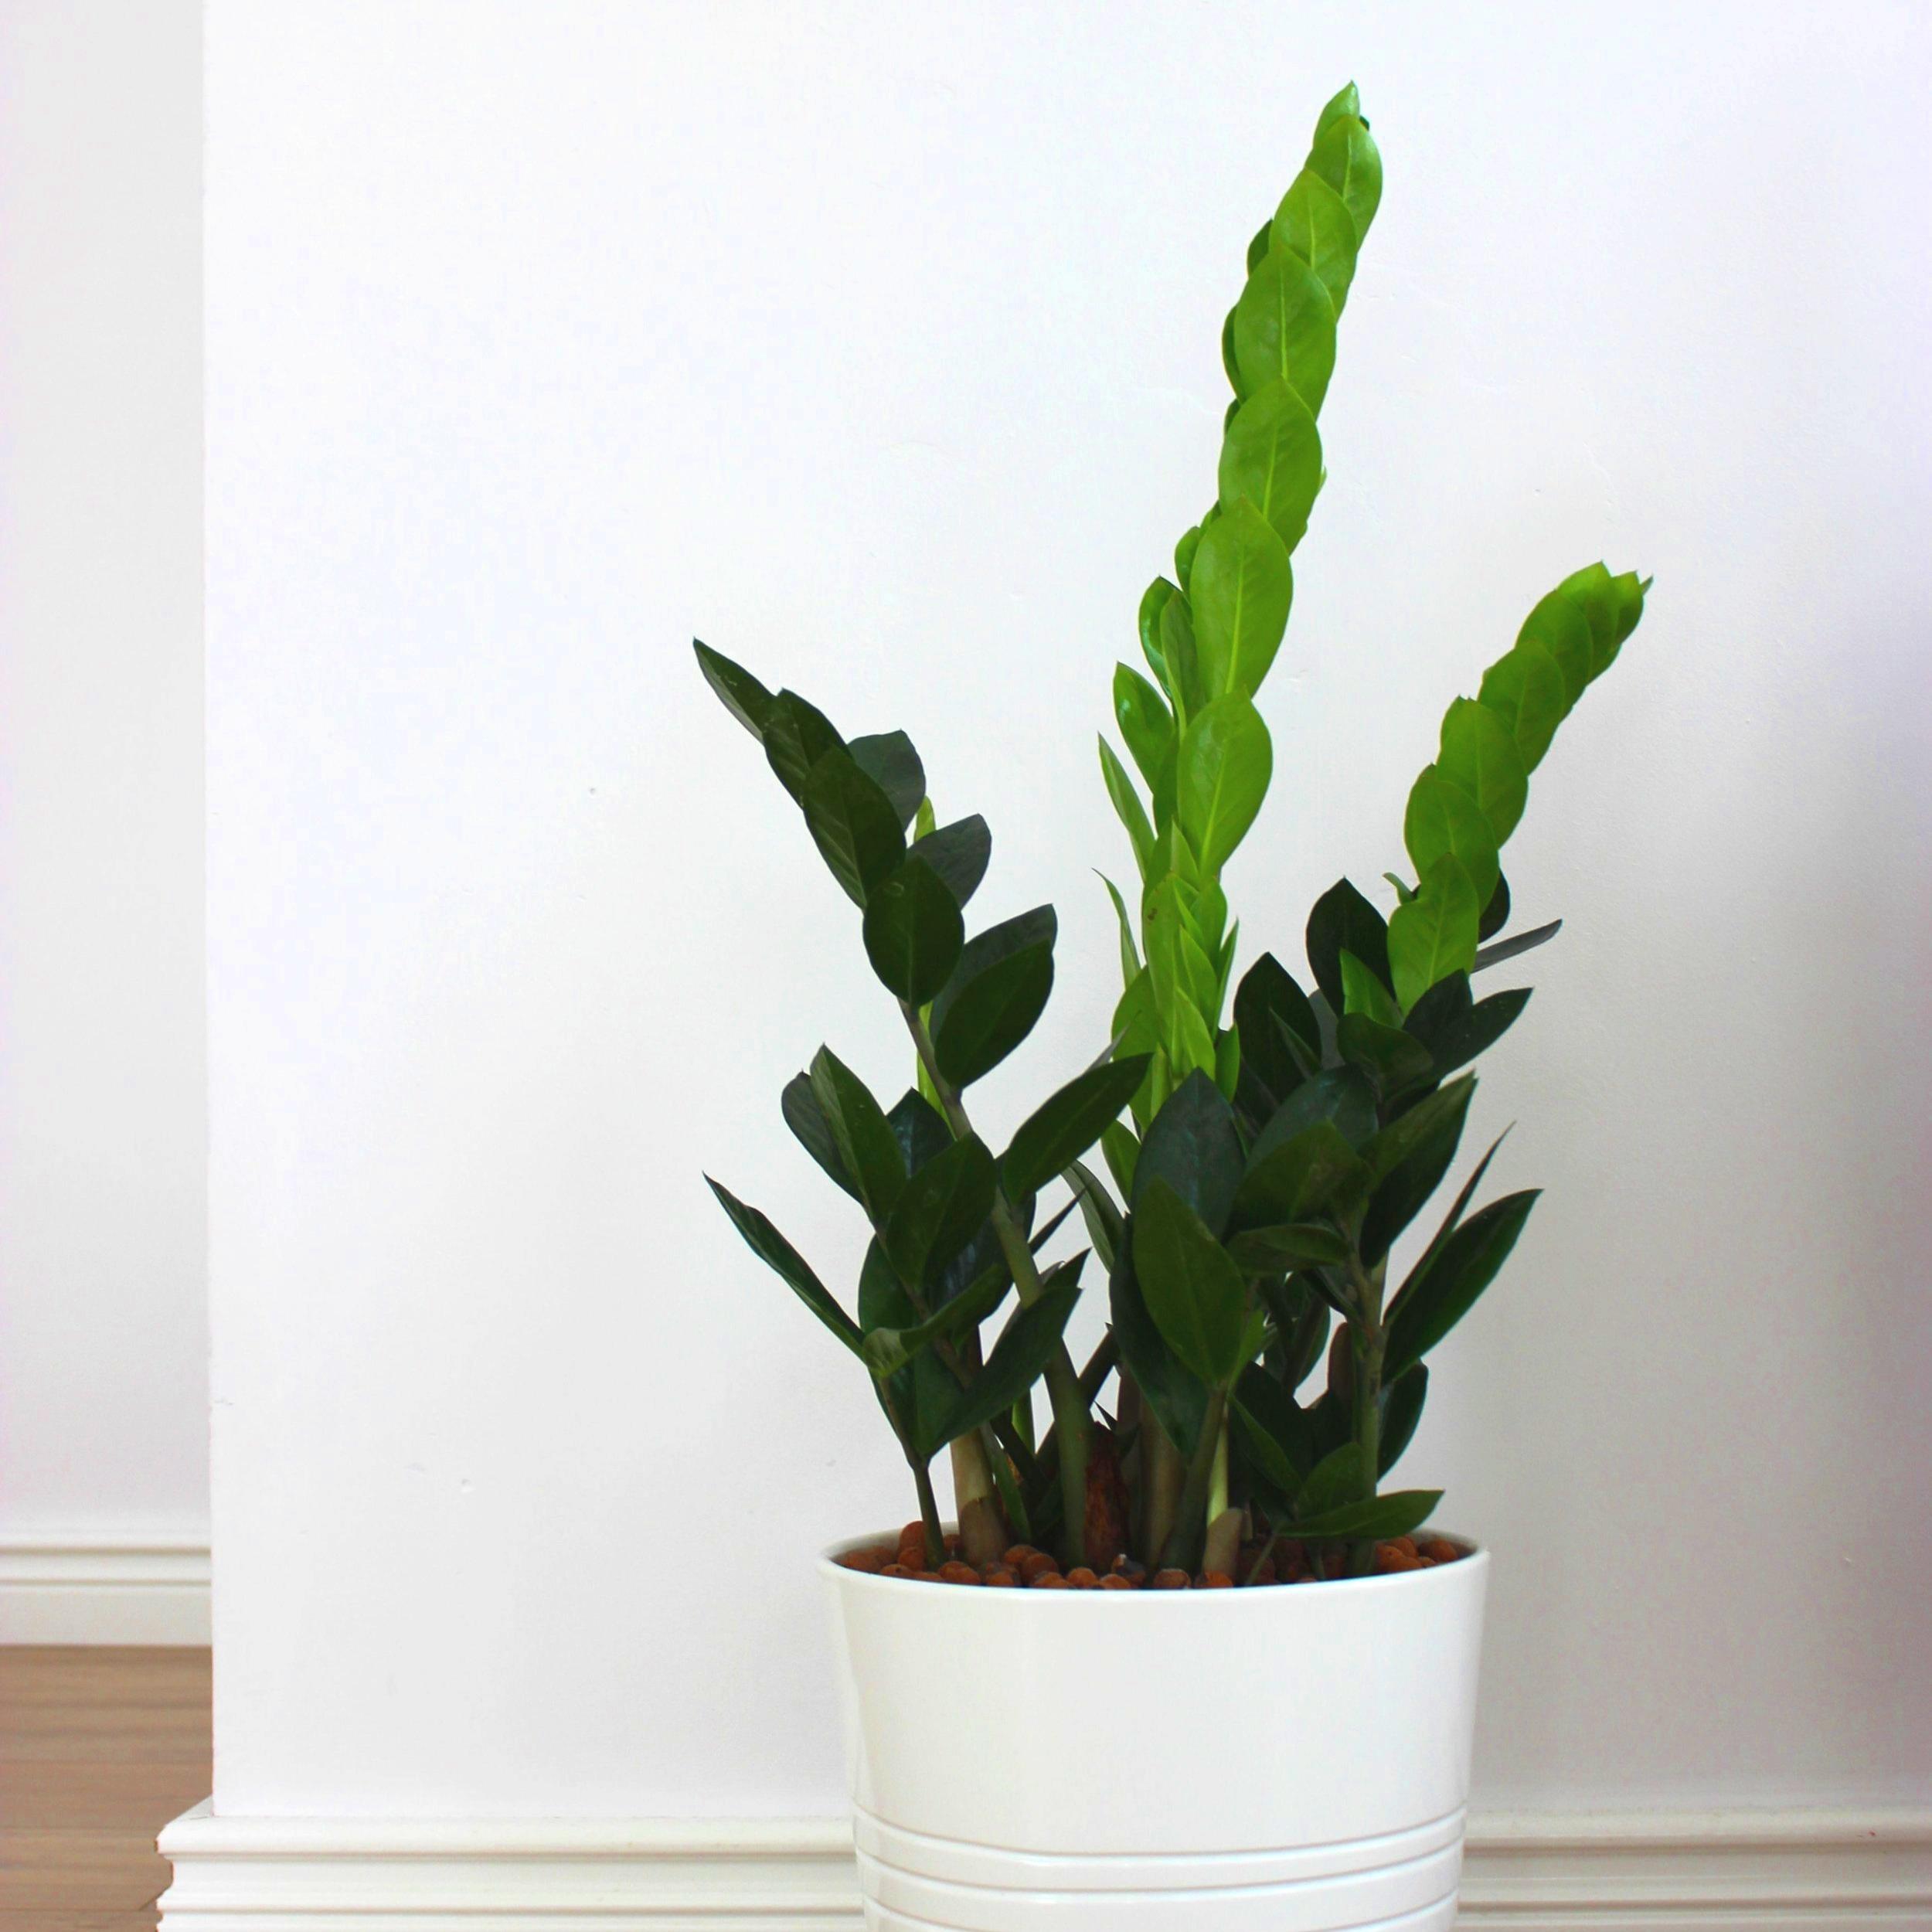 Zamia - Zamioculcas zamiifolia